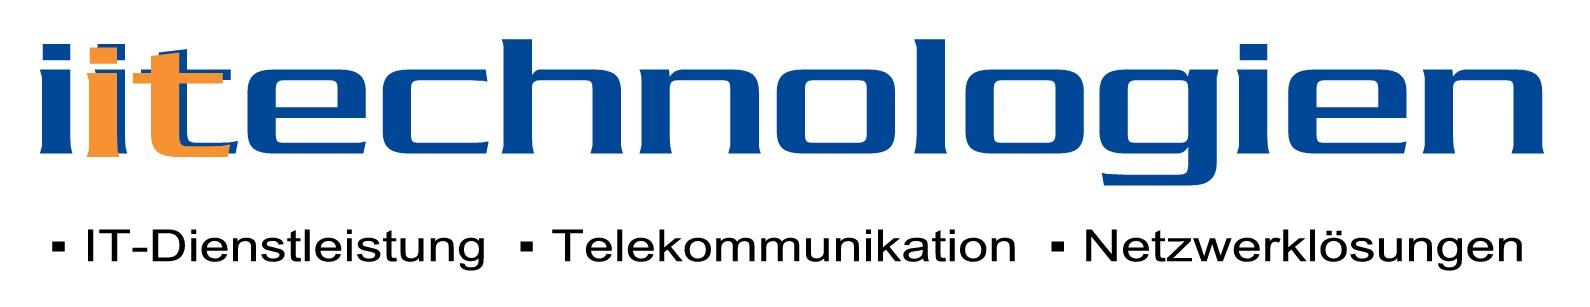 Unternehmertreffen Nordwest Logo iitechnologien